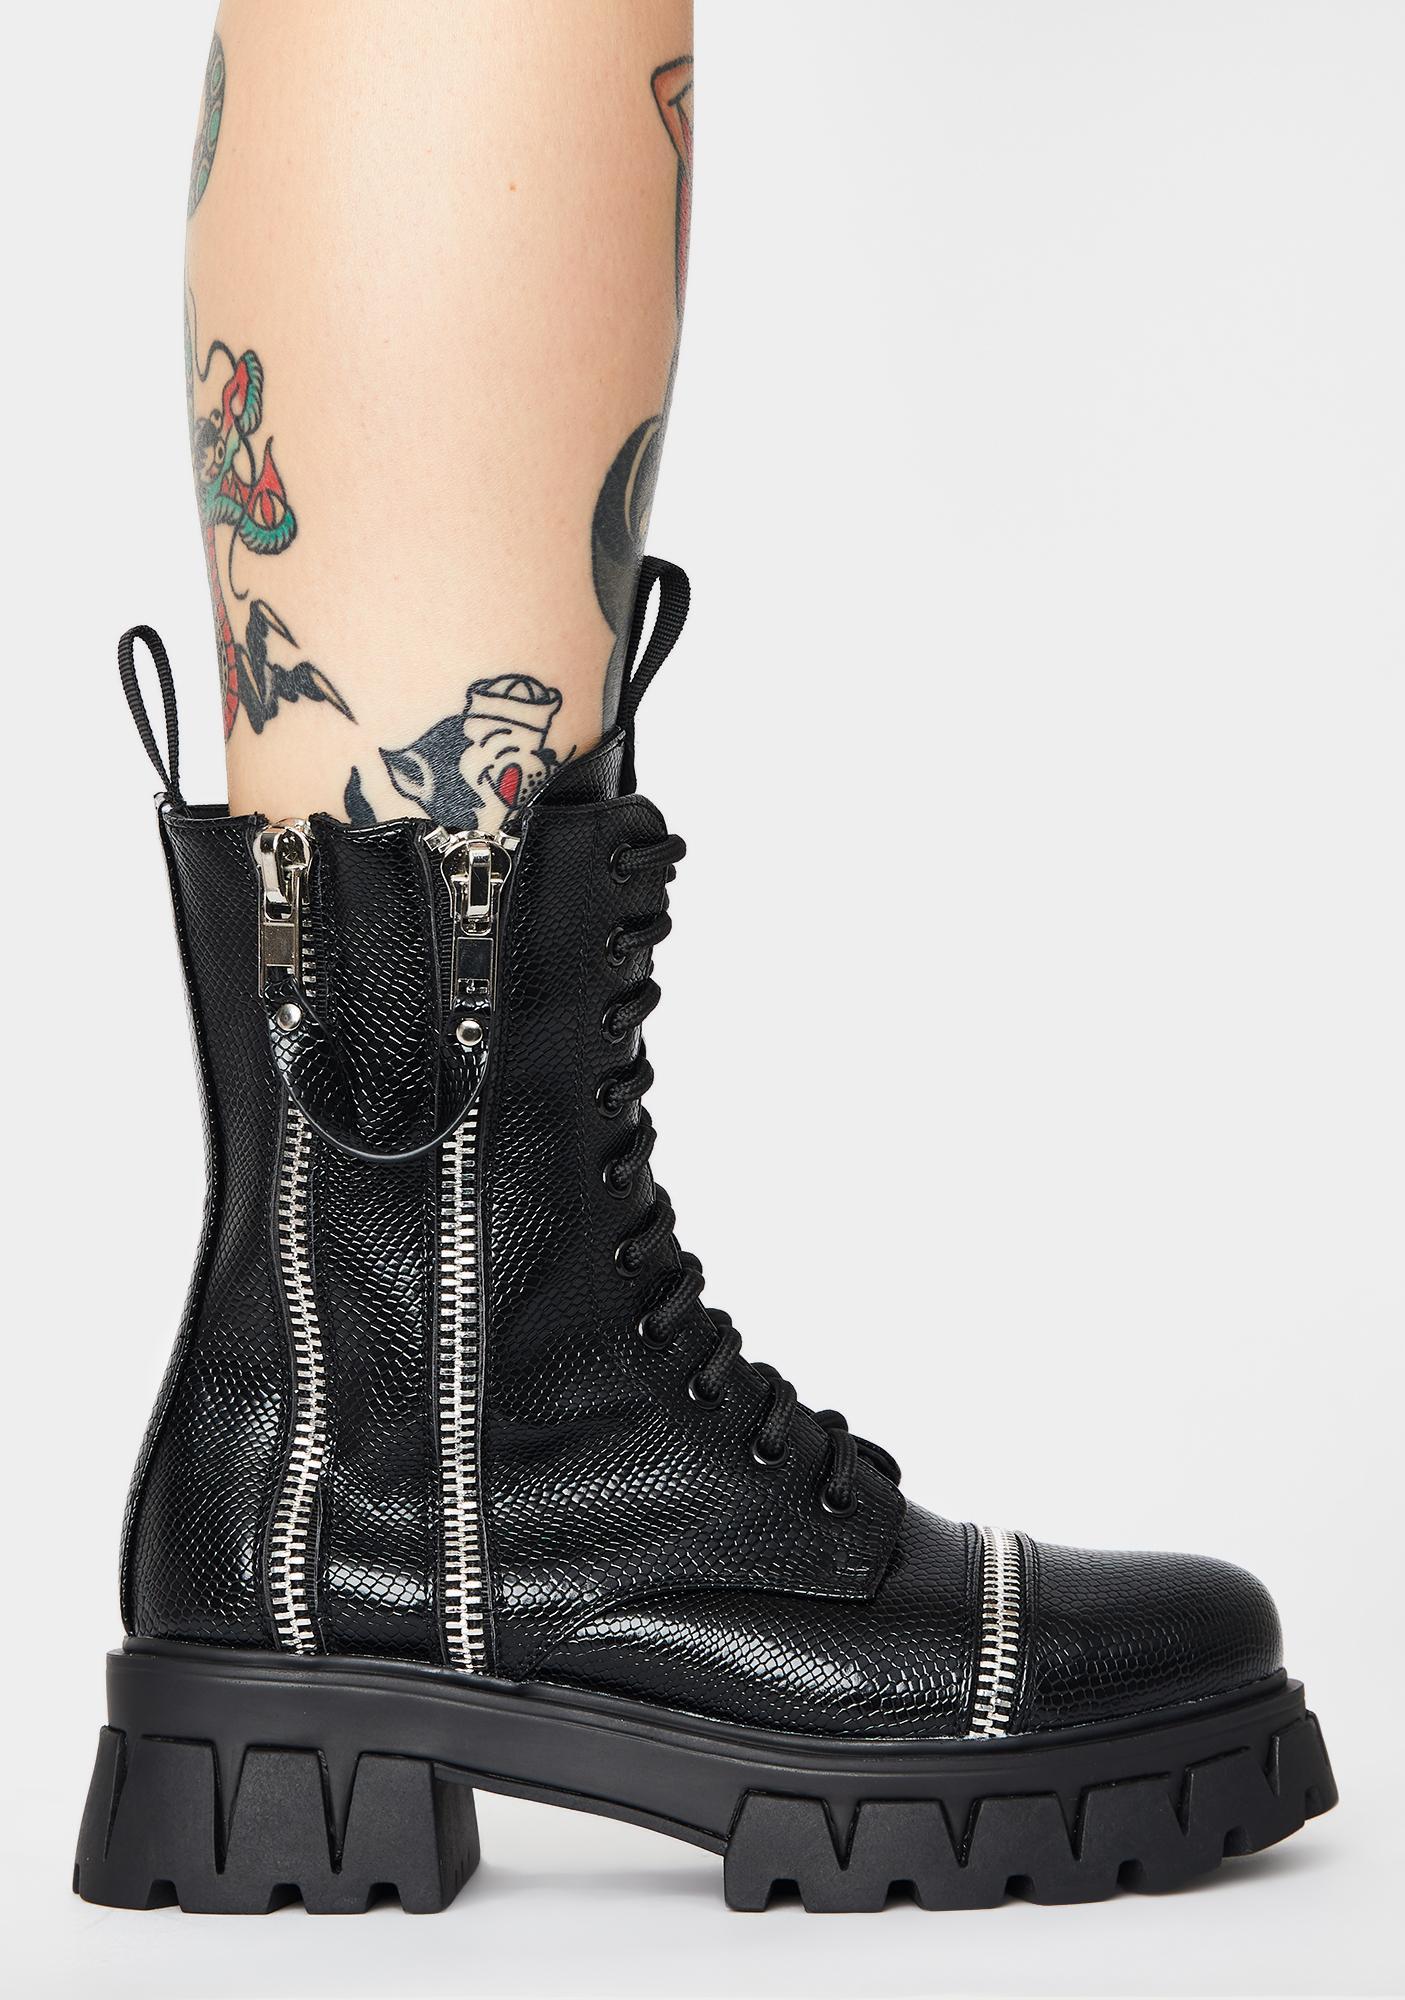 Koi Footwear Kronos Snakeskin Combat Boots